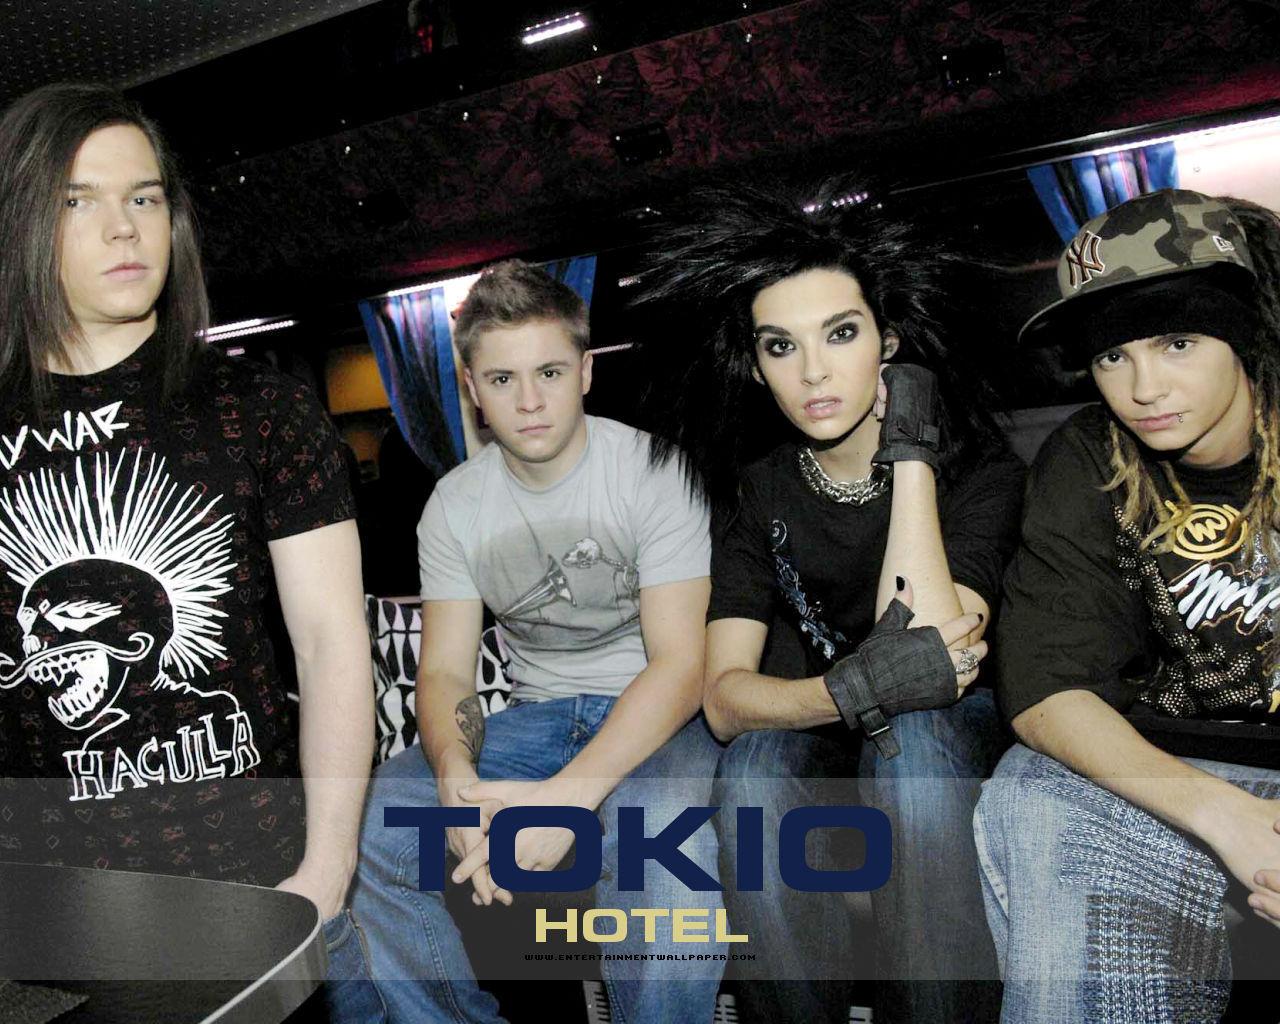 -TokioHotel♥ - Tokio Hotel 1280x1024